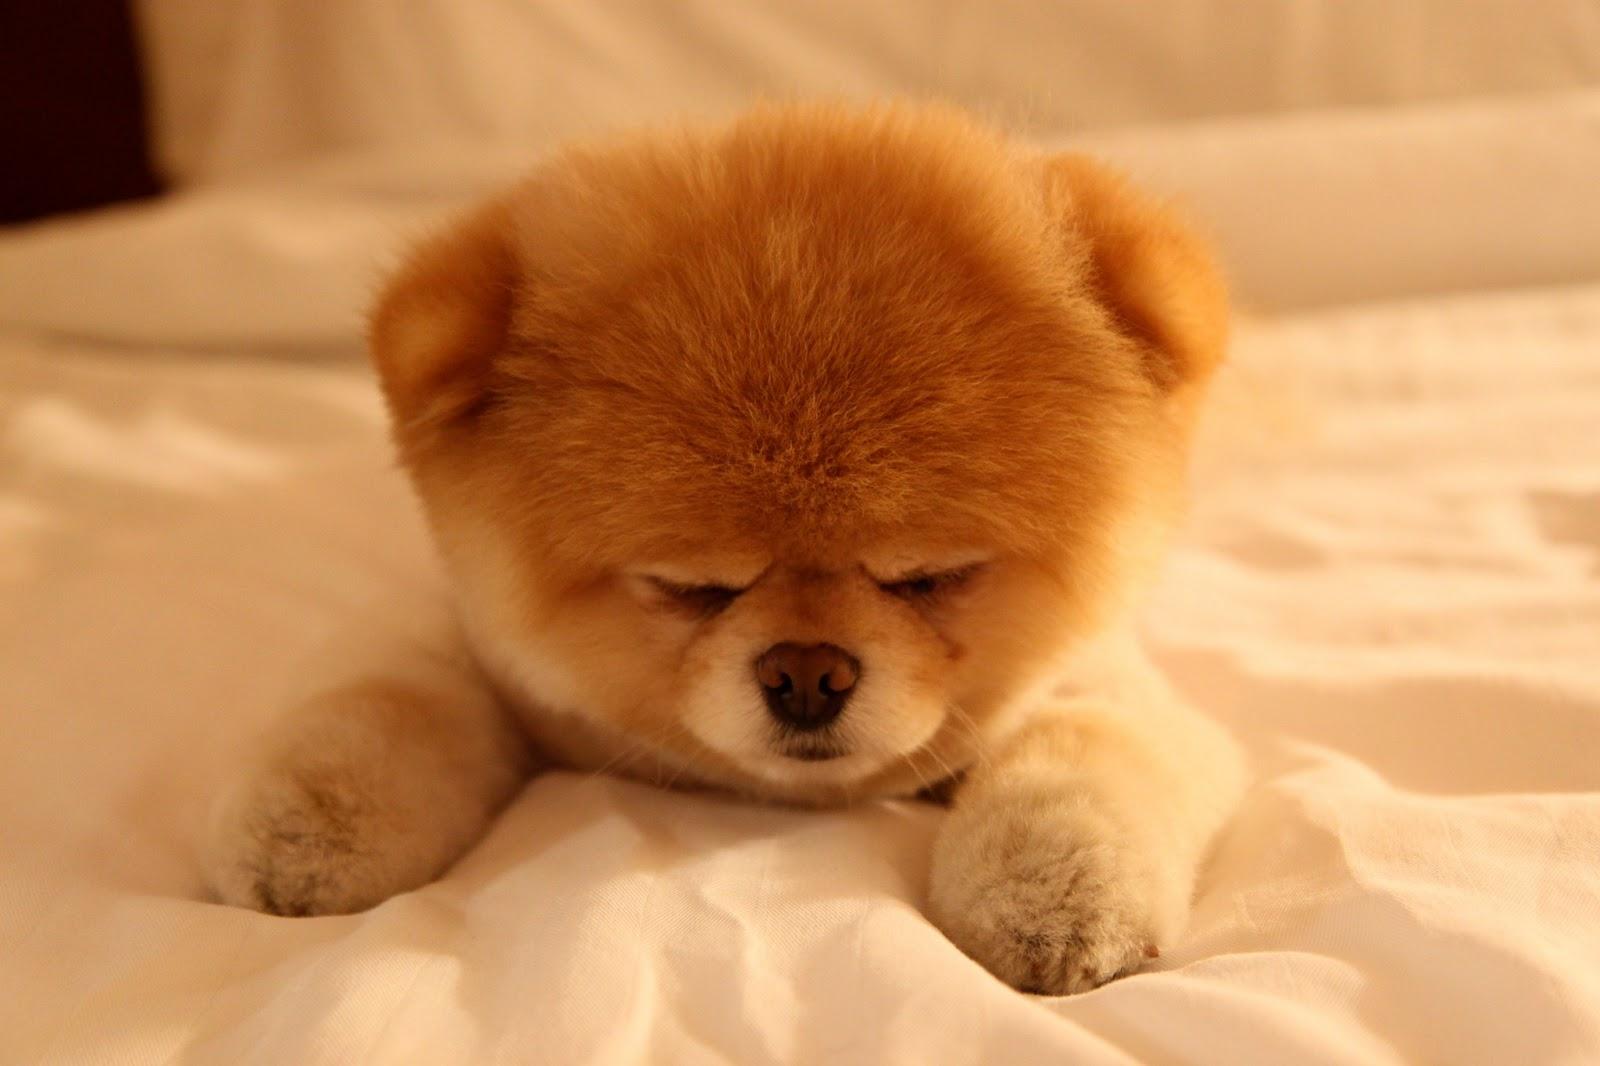 Boo The Cutest Dog Sleepy Wallpaper   Boo The Cutest Dog Sleepy 1600x1066